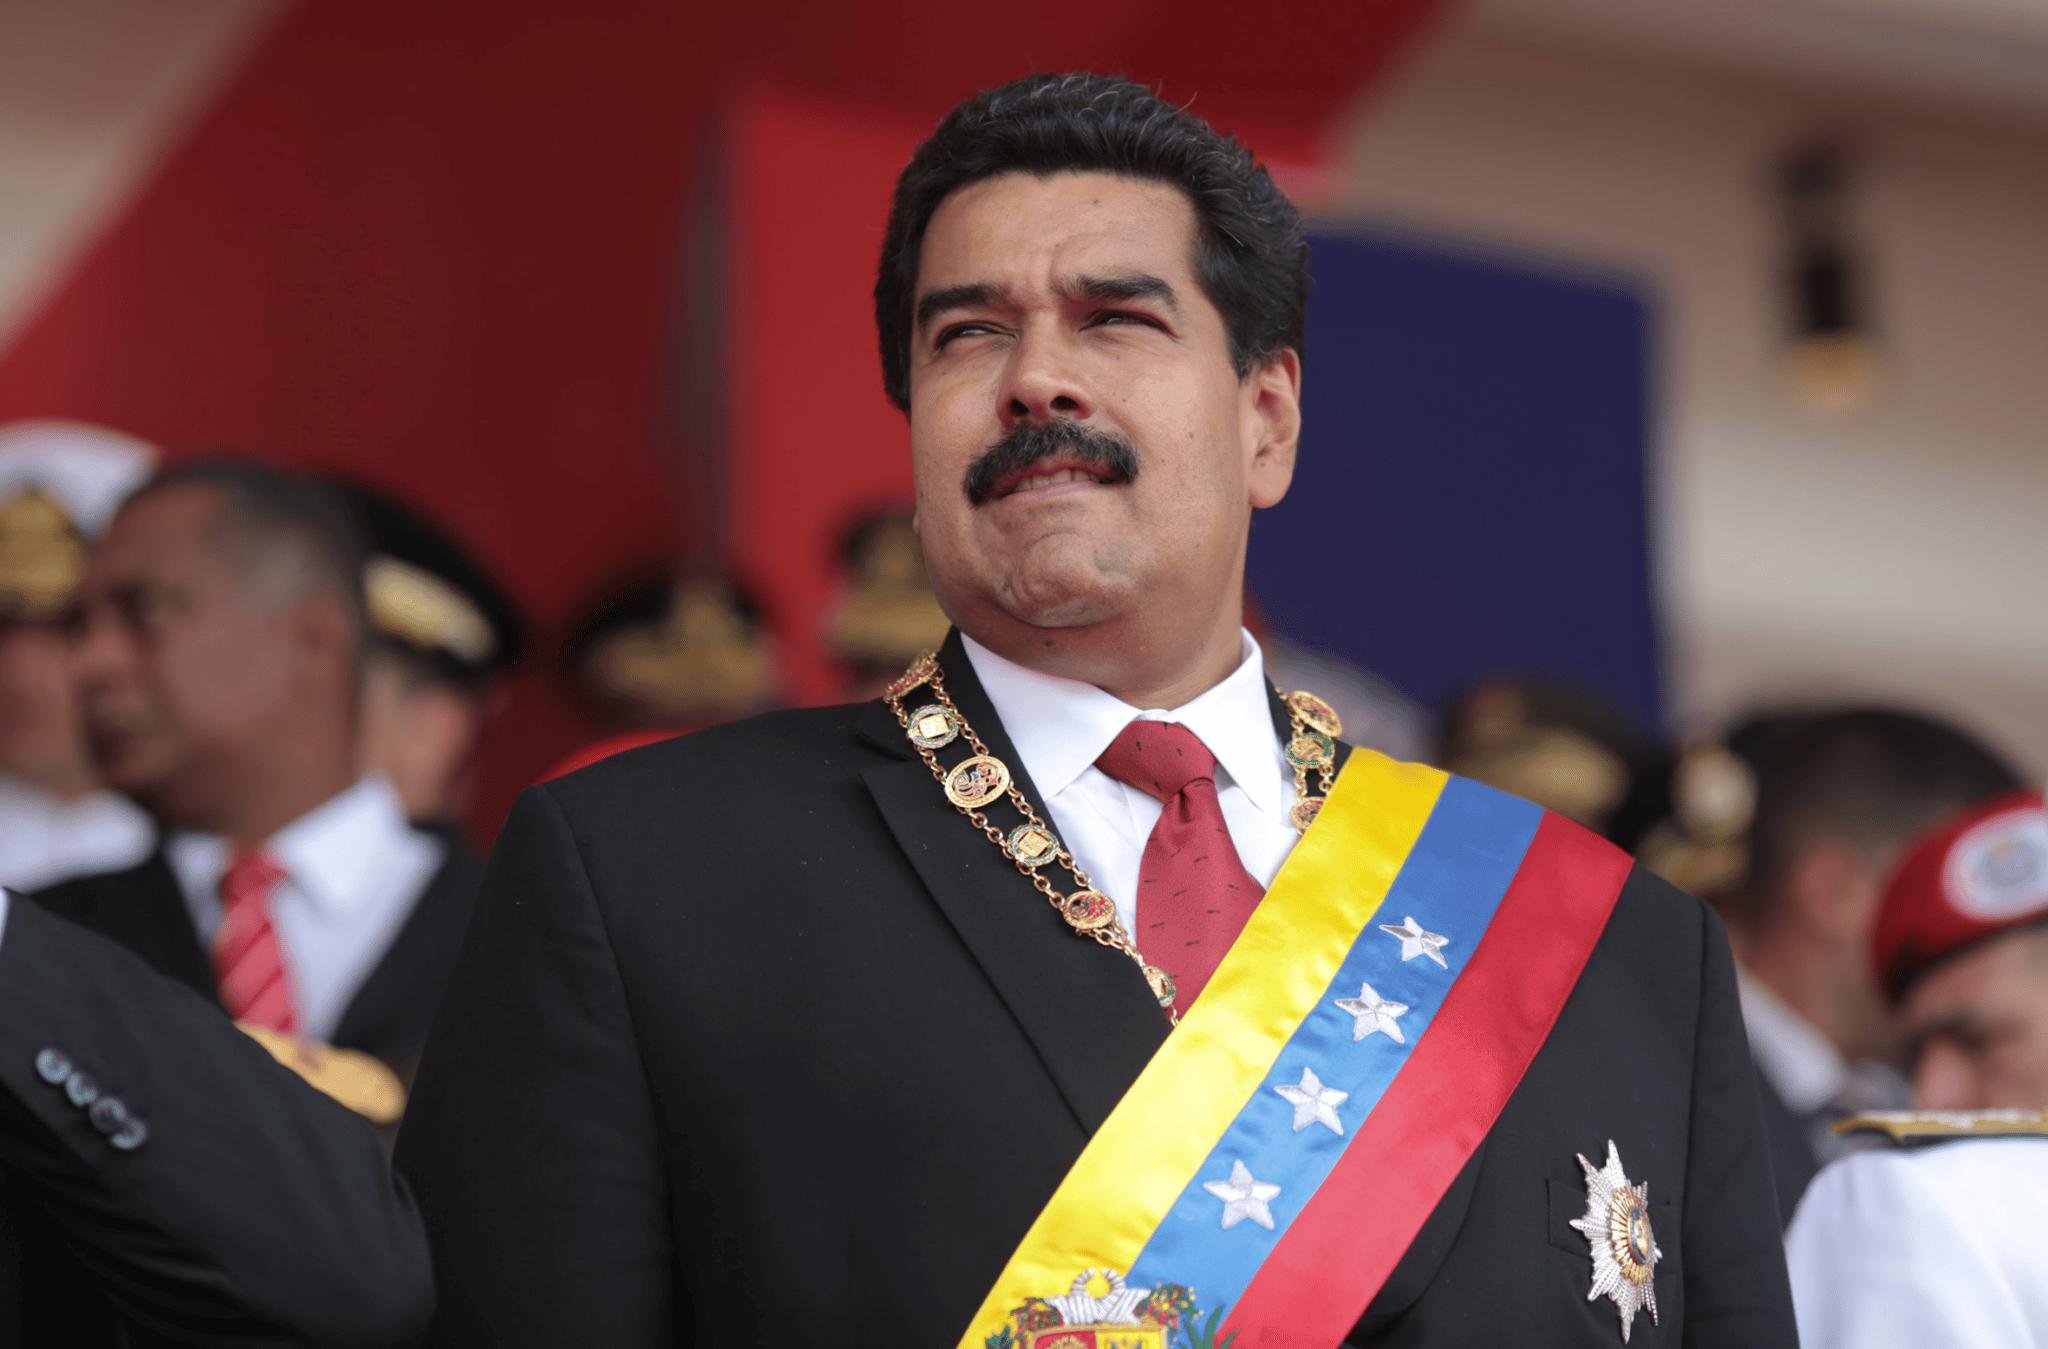 Maduro a accepté de reconnaître Juan Guaido comme président.